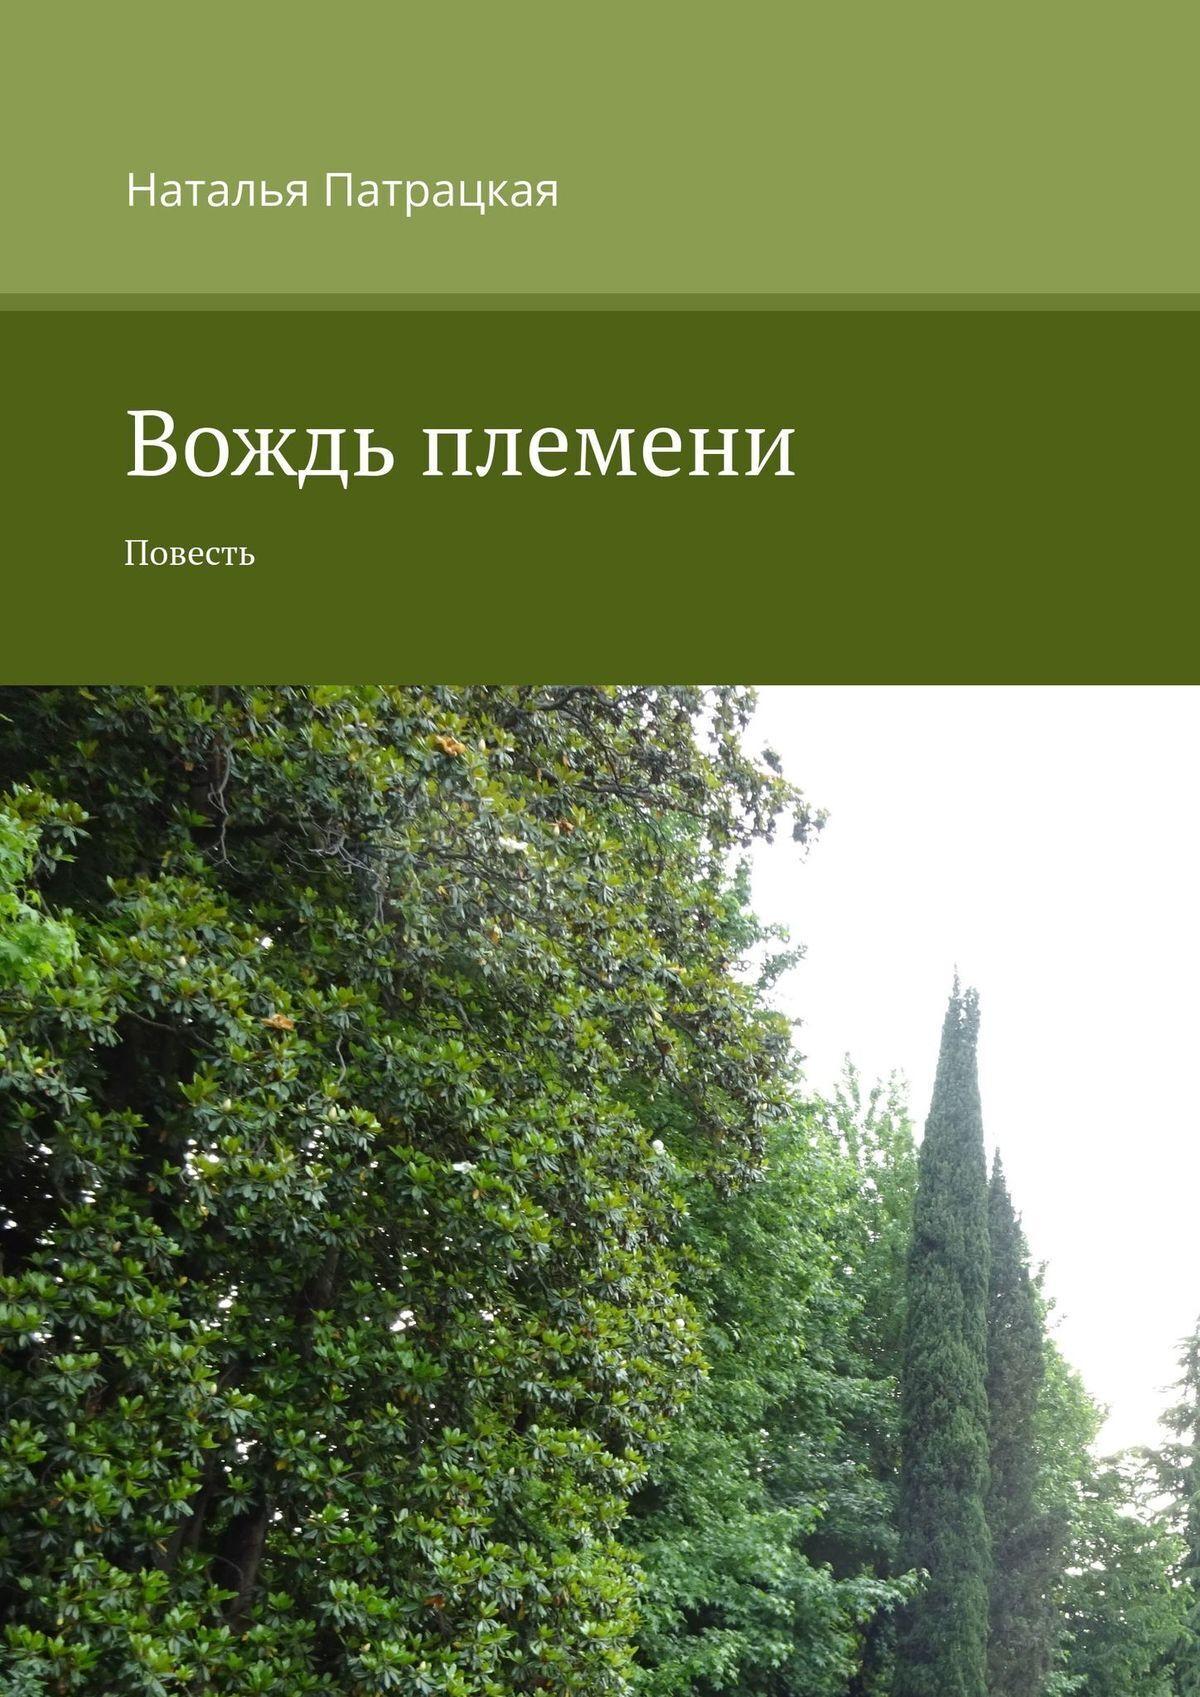 Вождь племени. Серия «Виртуальные повести»